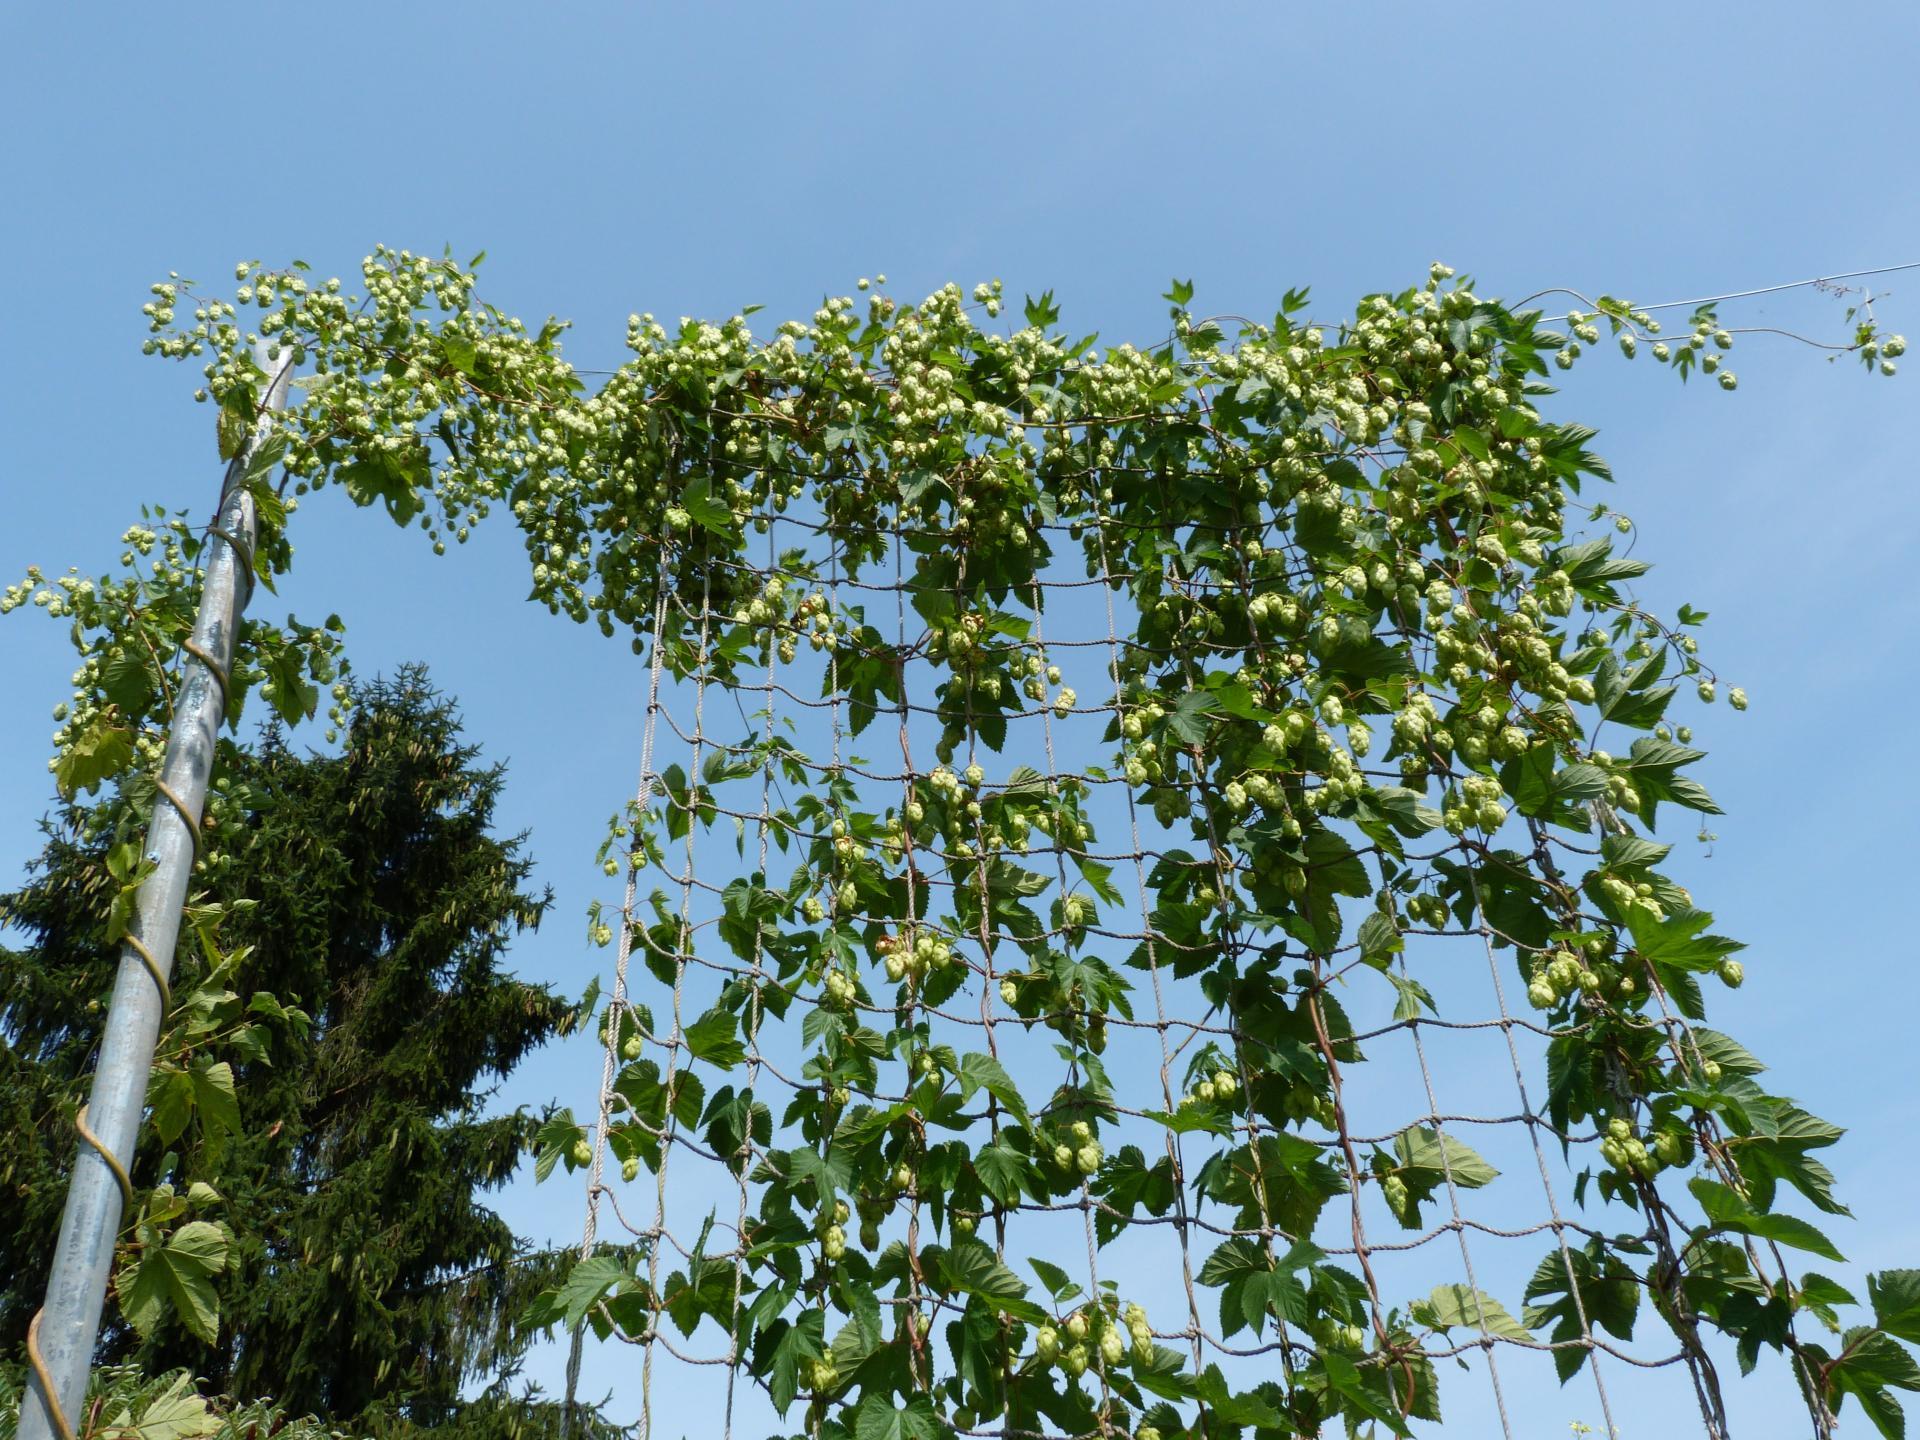 Jardinles especes houblon 30